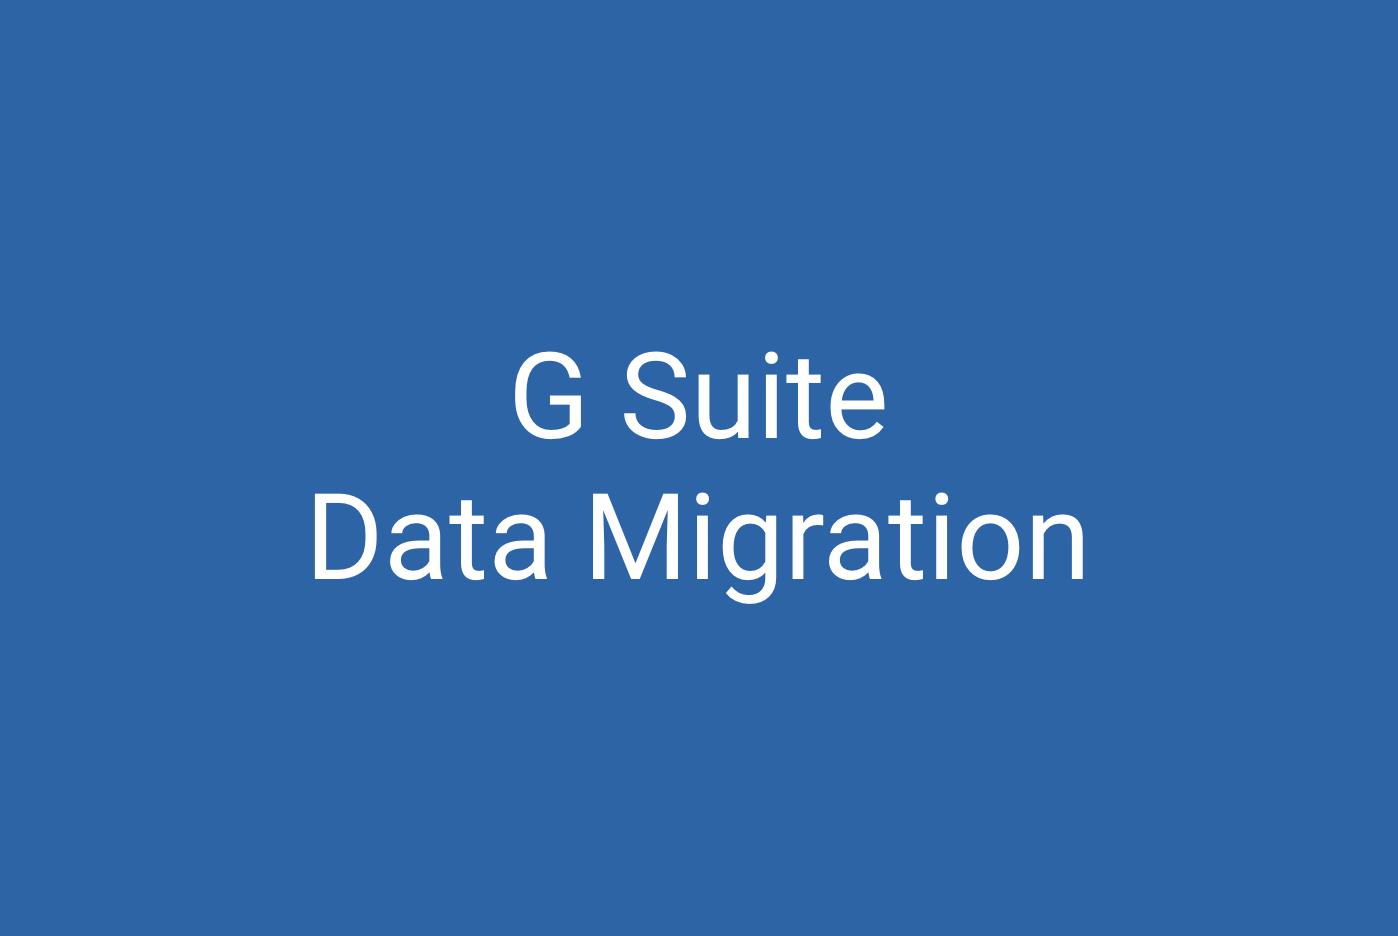 G-Suite-Data-Migration-Services.png